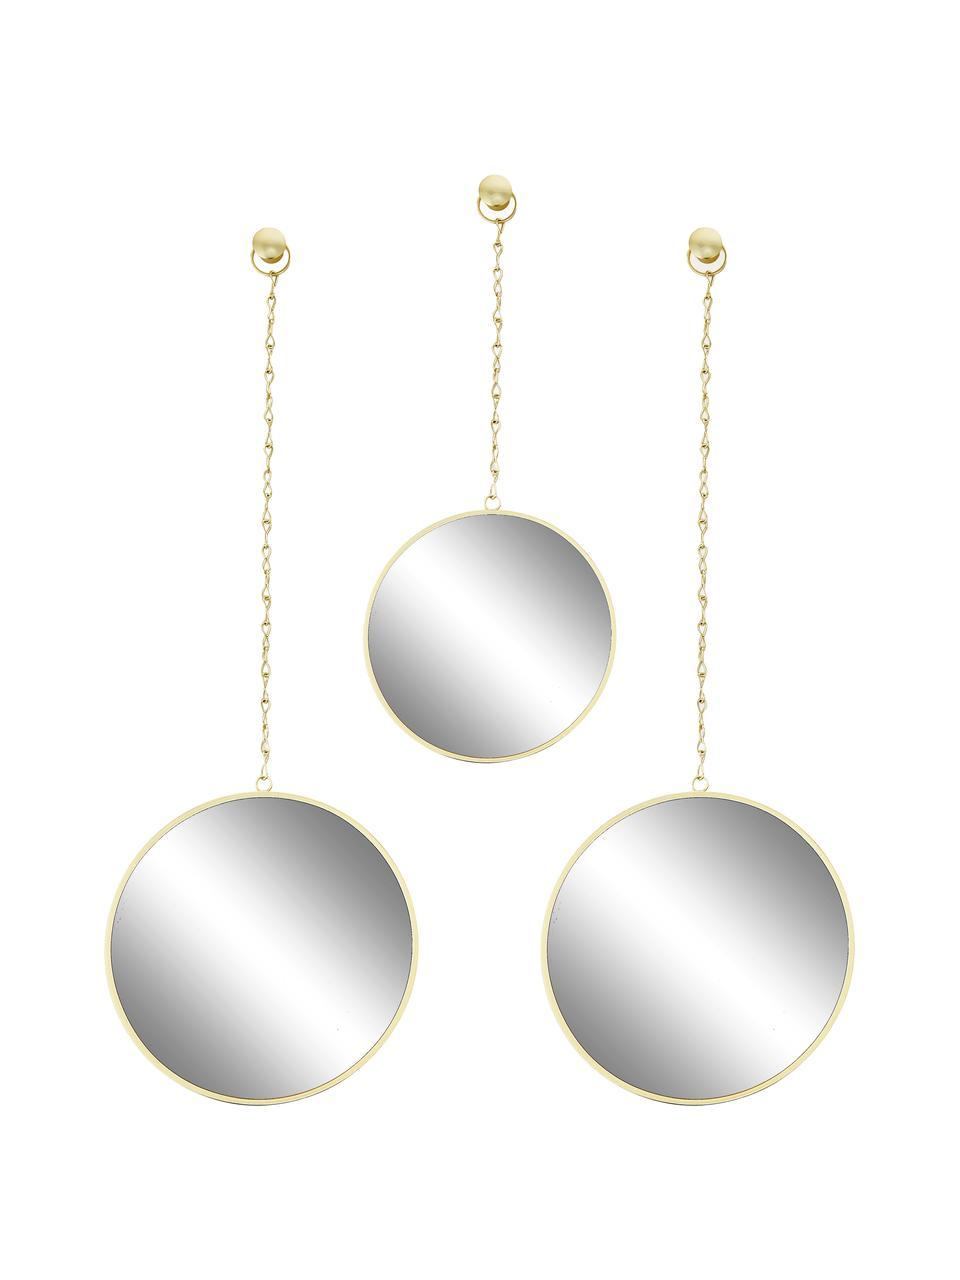 Wandspiegel-Set Dima, 3-tlg., Rahmen: Metall, beschichtet, Spiegelfläche: Spiegelglas, Goldfarben, Sondergrößen